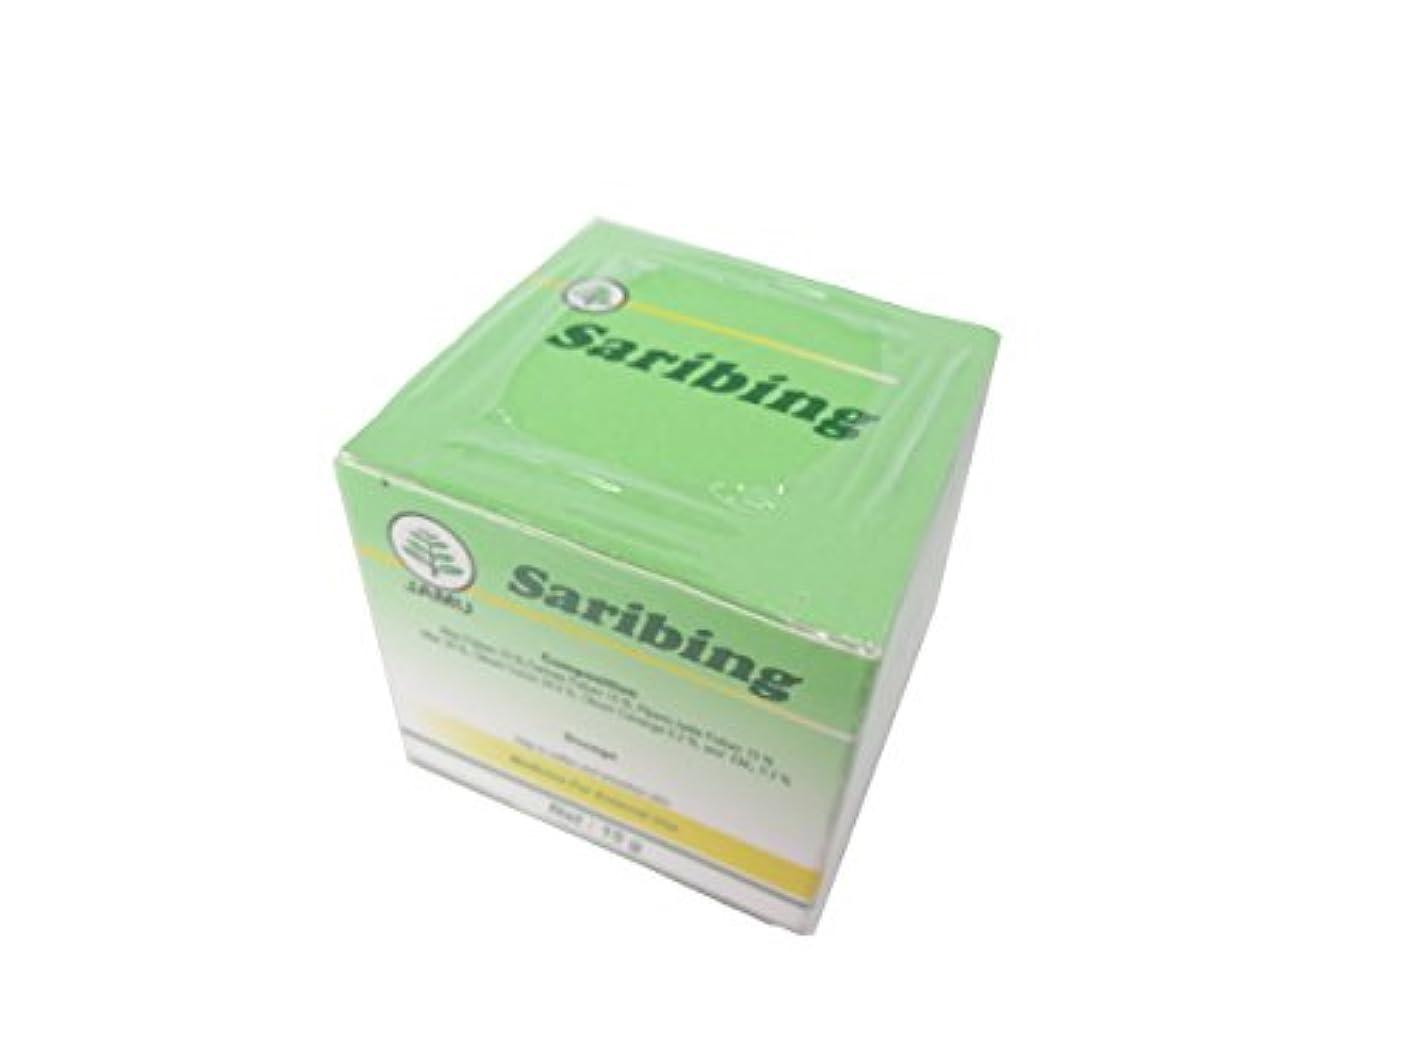 シロナガスクジラおとうさんストッキング【バリコレ!!】 Saribing サリビン ビューティー クリーム 15g [並行輸入品] (1)